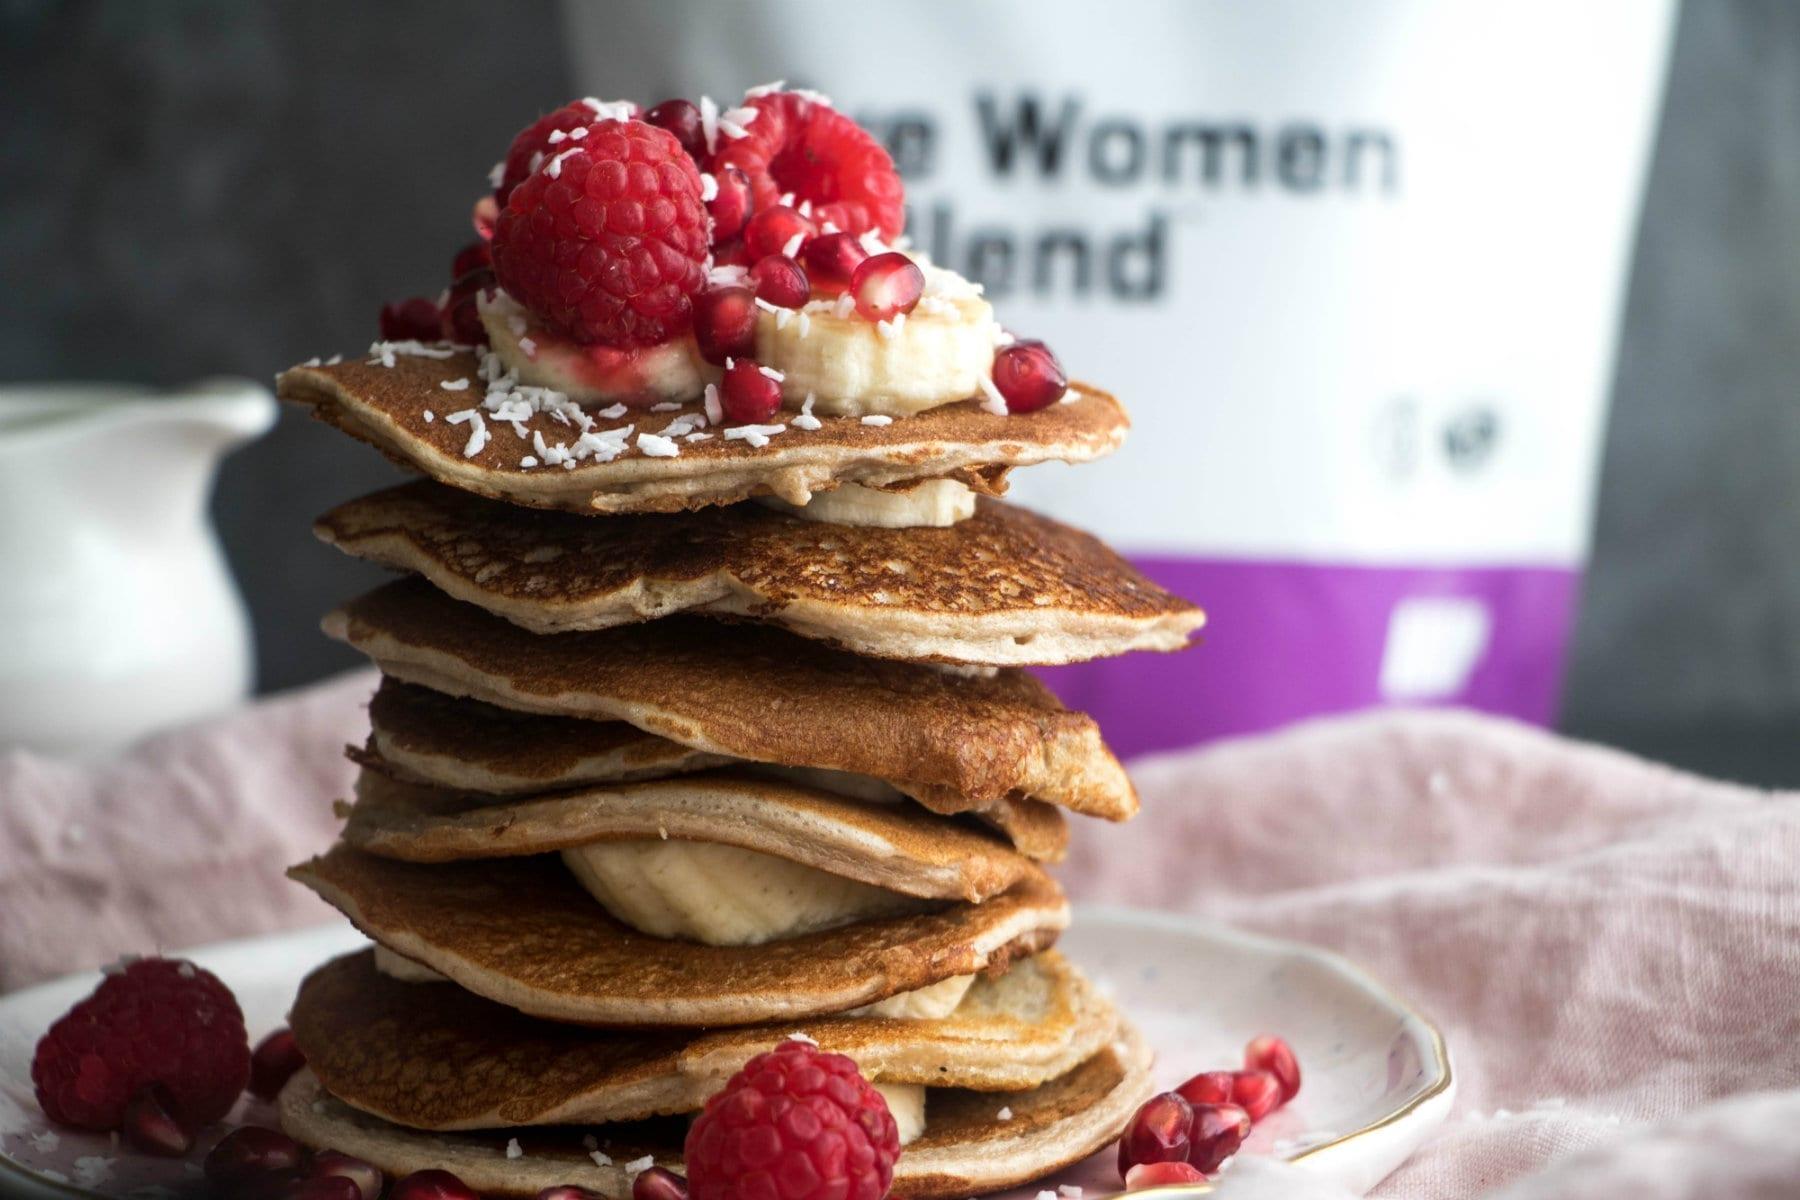 Super snadné dietní proteinové palačinky | Low-Carb snídaně